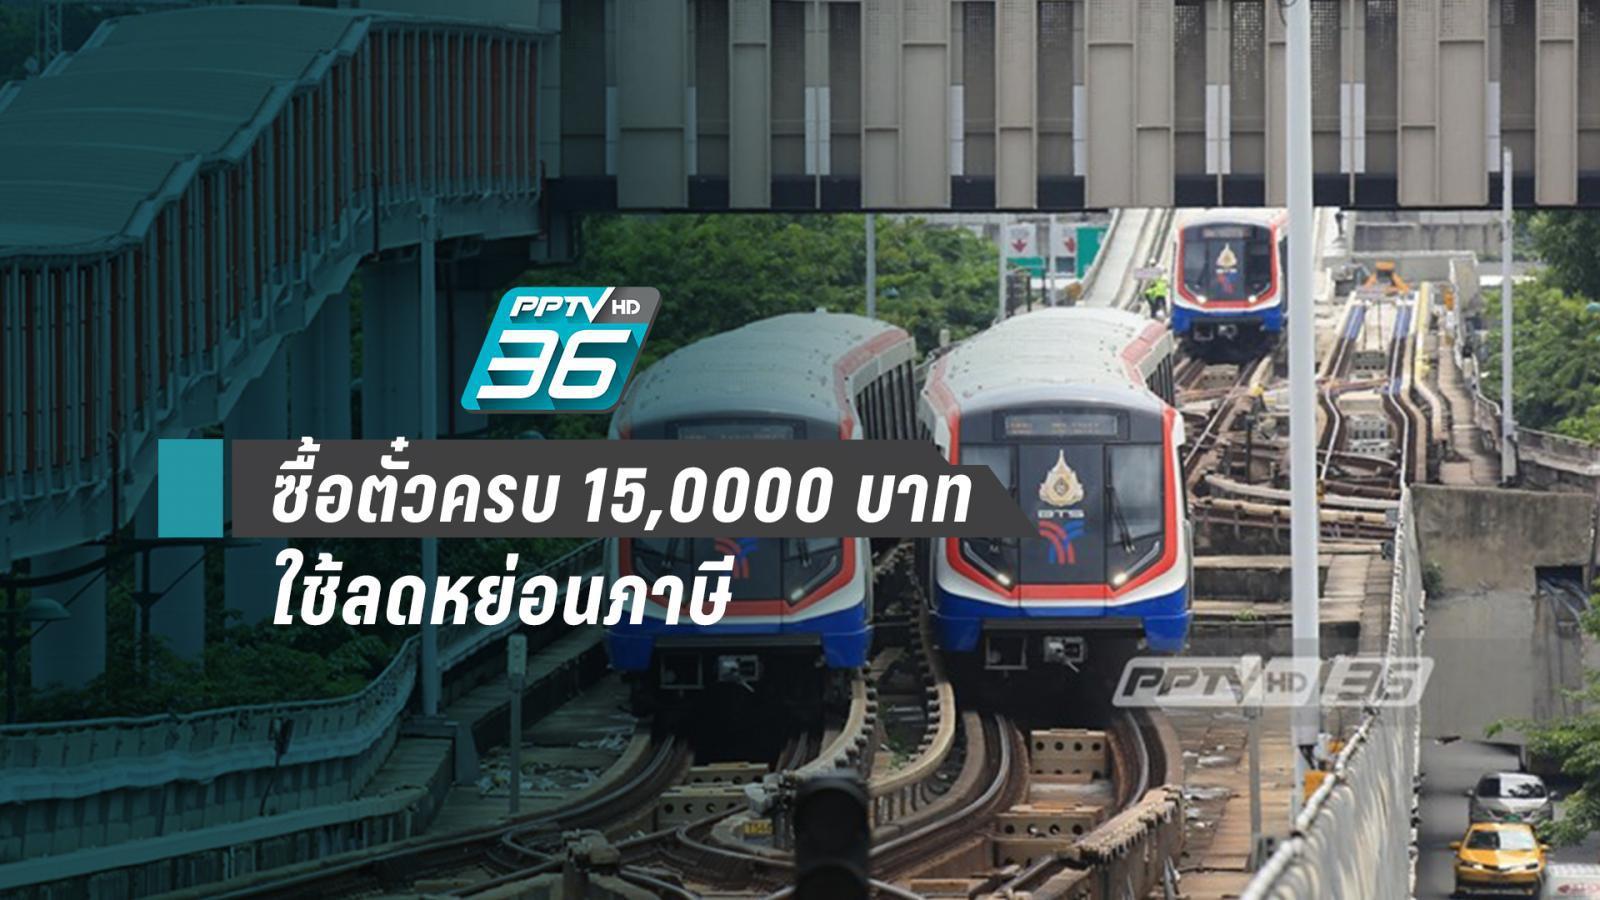 เตรียมชง ใช้รถไฟฟ้า 15,000 บาท ลดภาษีได้